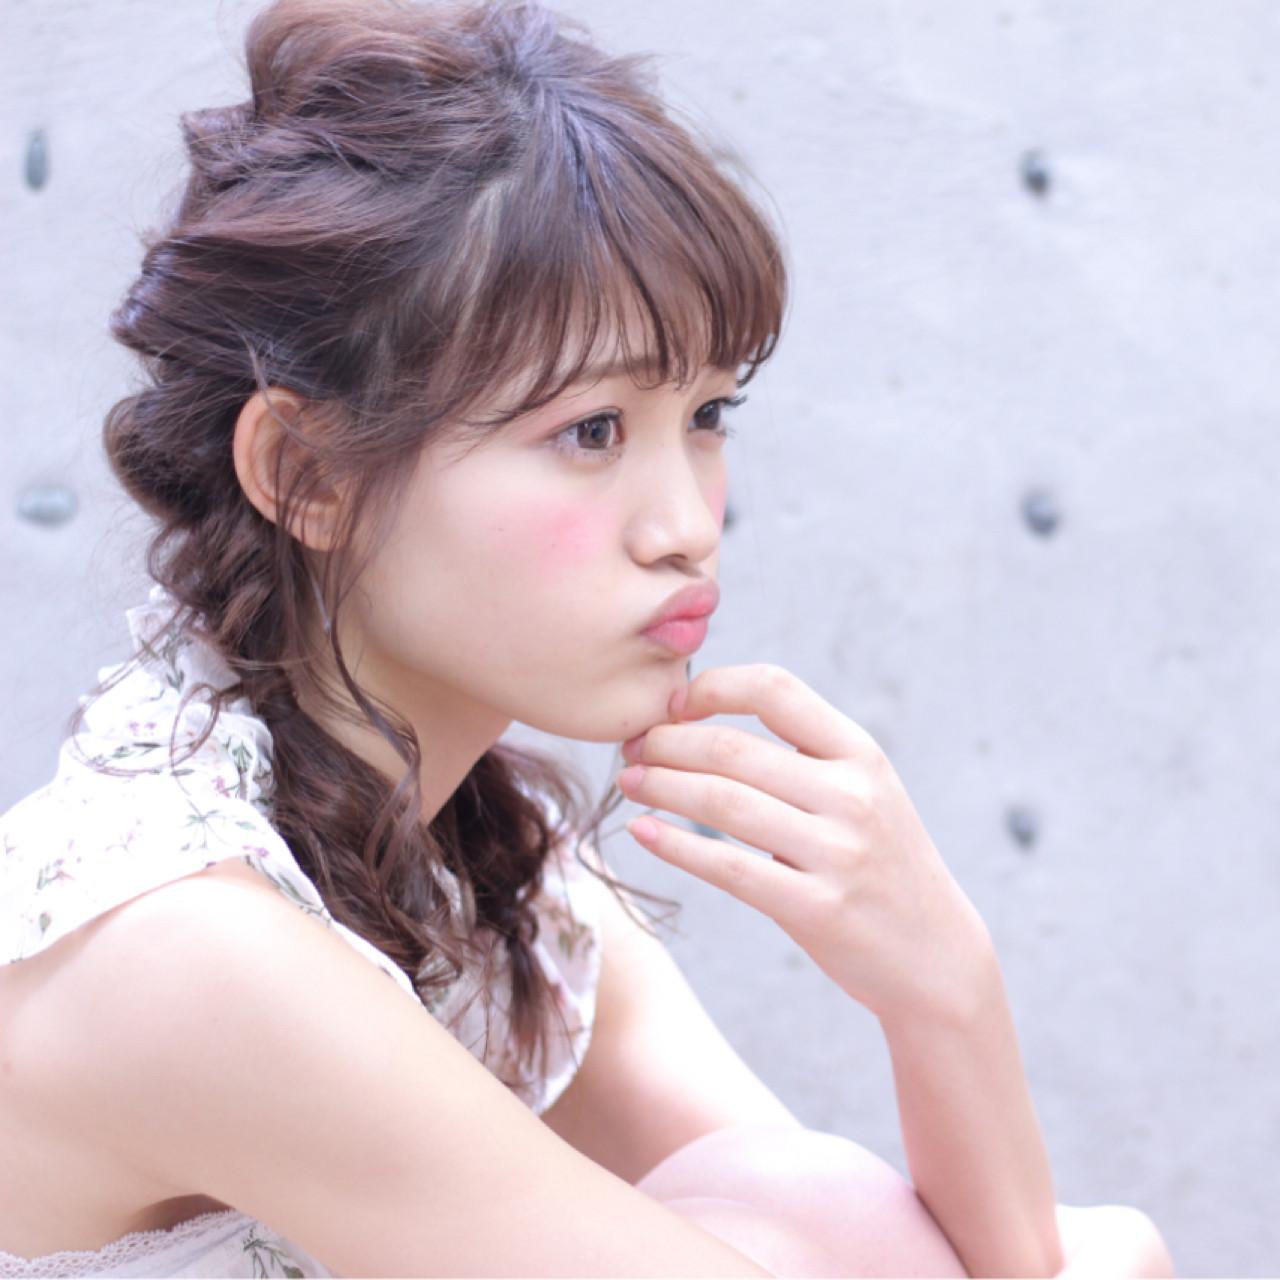 簡単なのに超かわいい♡くるりんぱを使った女子力高めな髪型アレンジ Wataru Maeda  cache cache